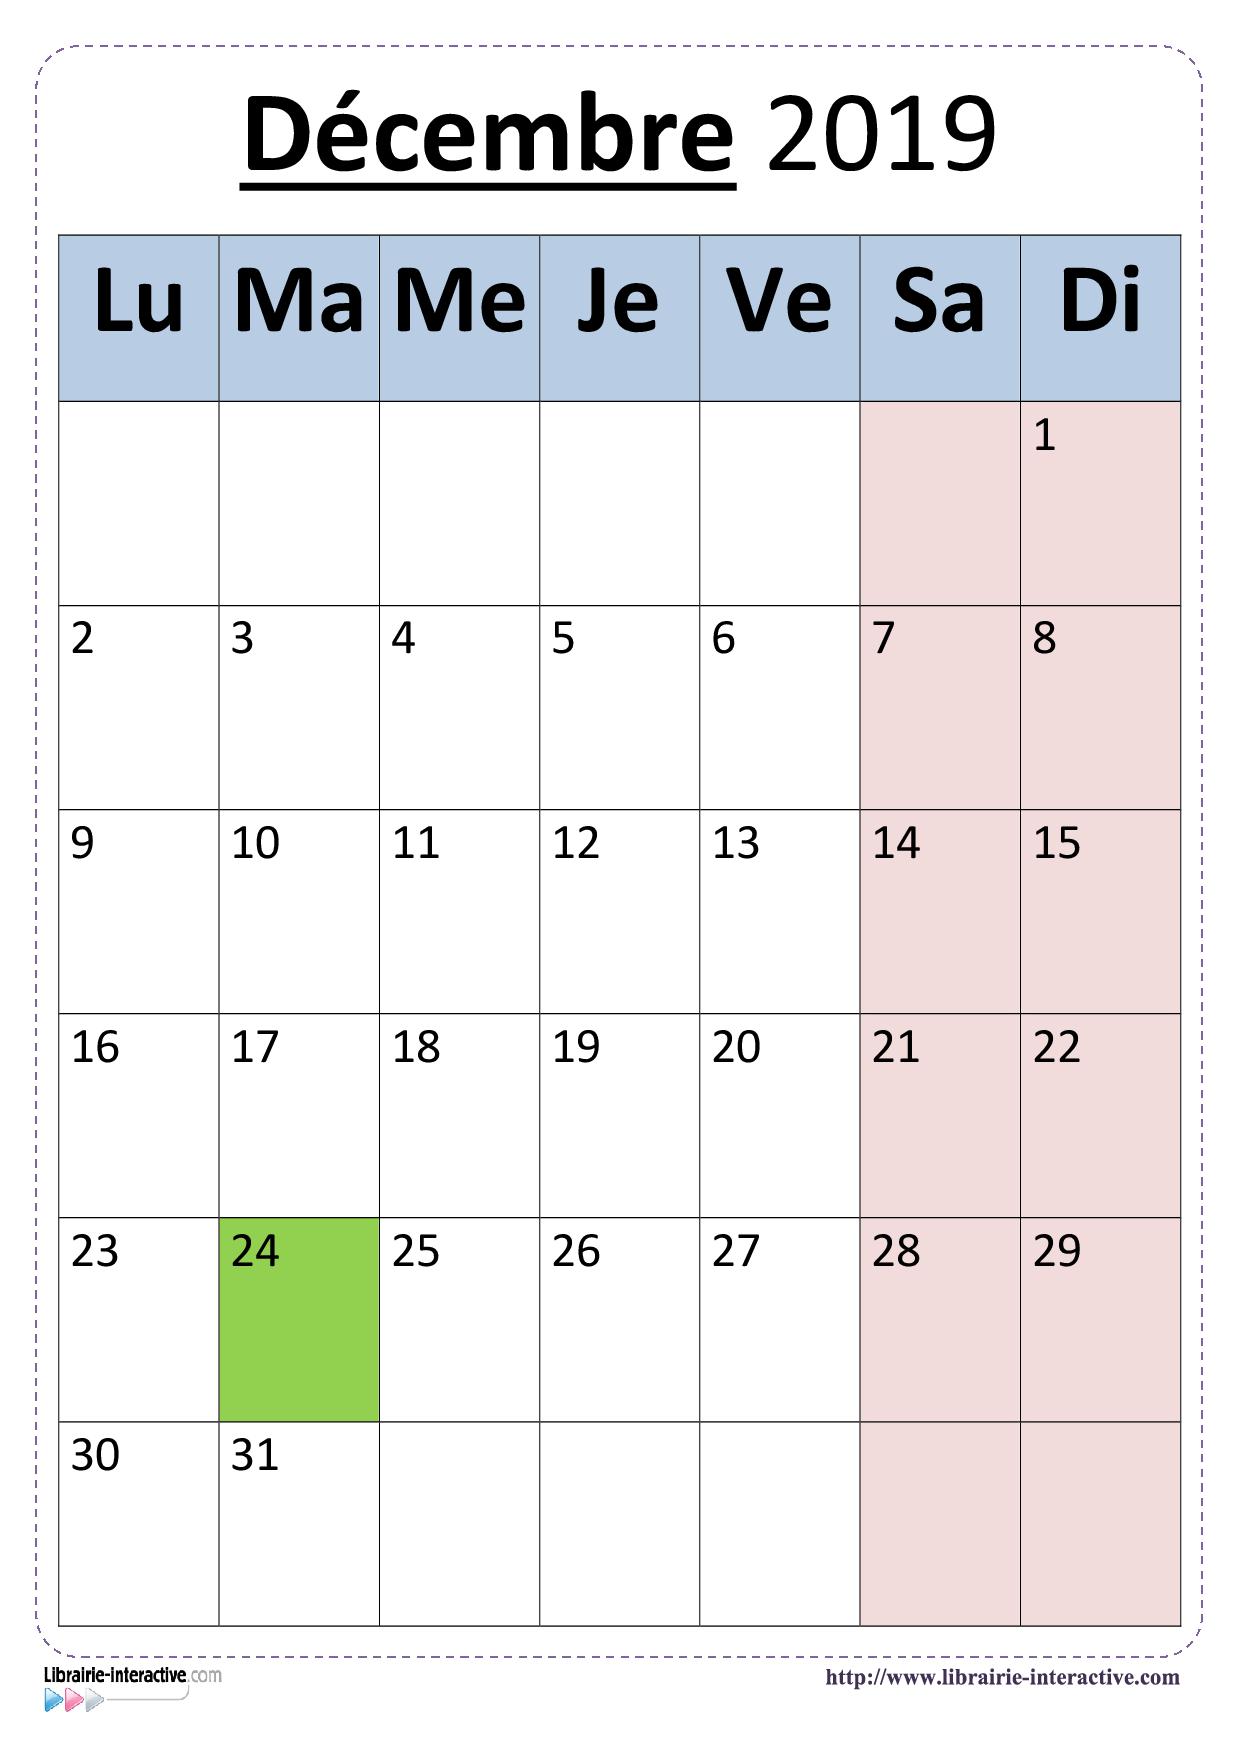 Calendrier Classe De Laurene.Une Version Simple Du Calendrier Scolaire 2019 2020 Pour Un